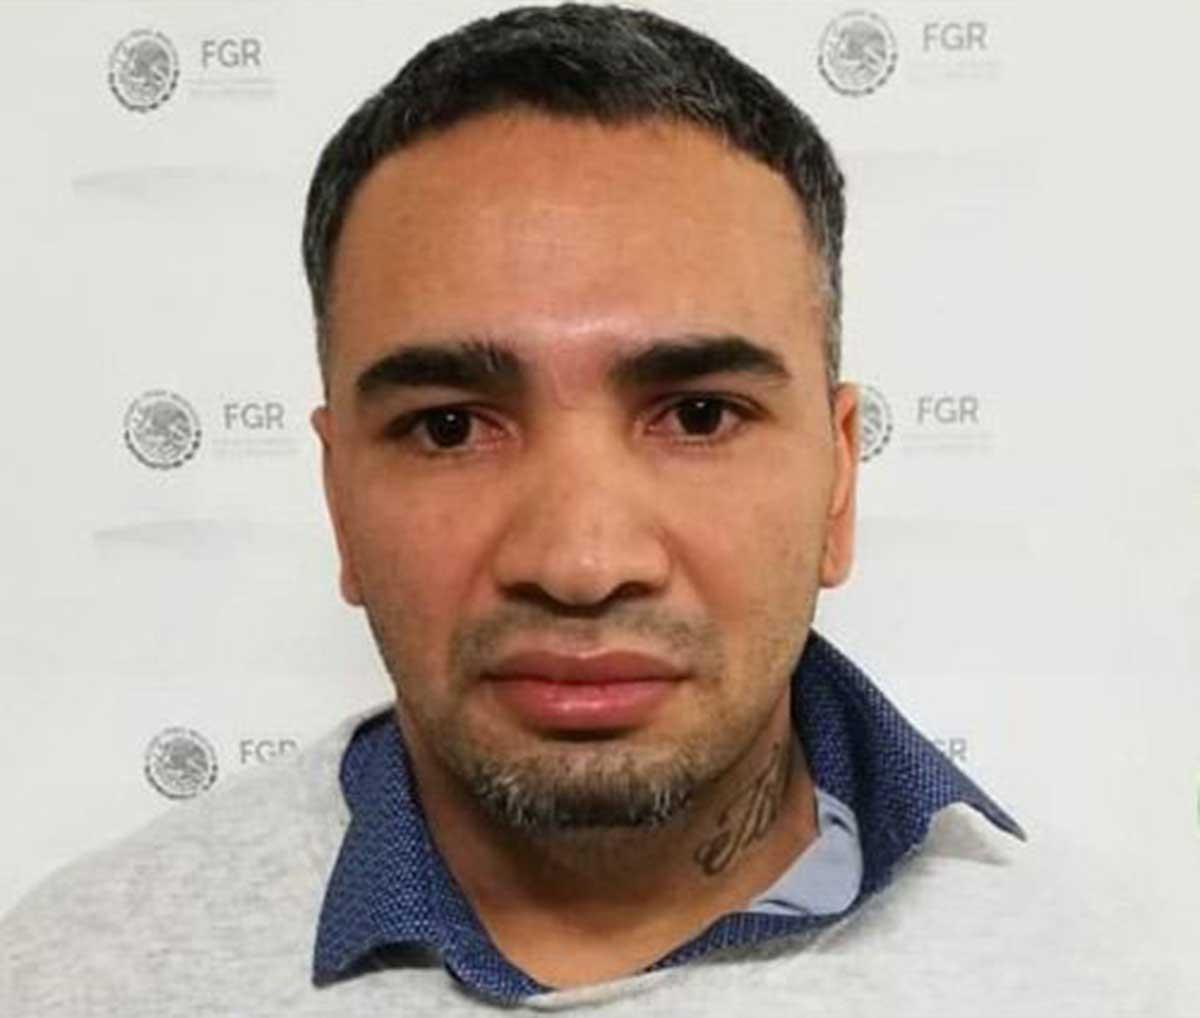 Secuestrador extraditado